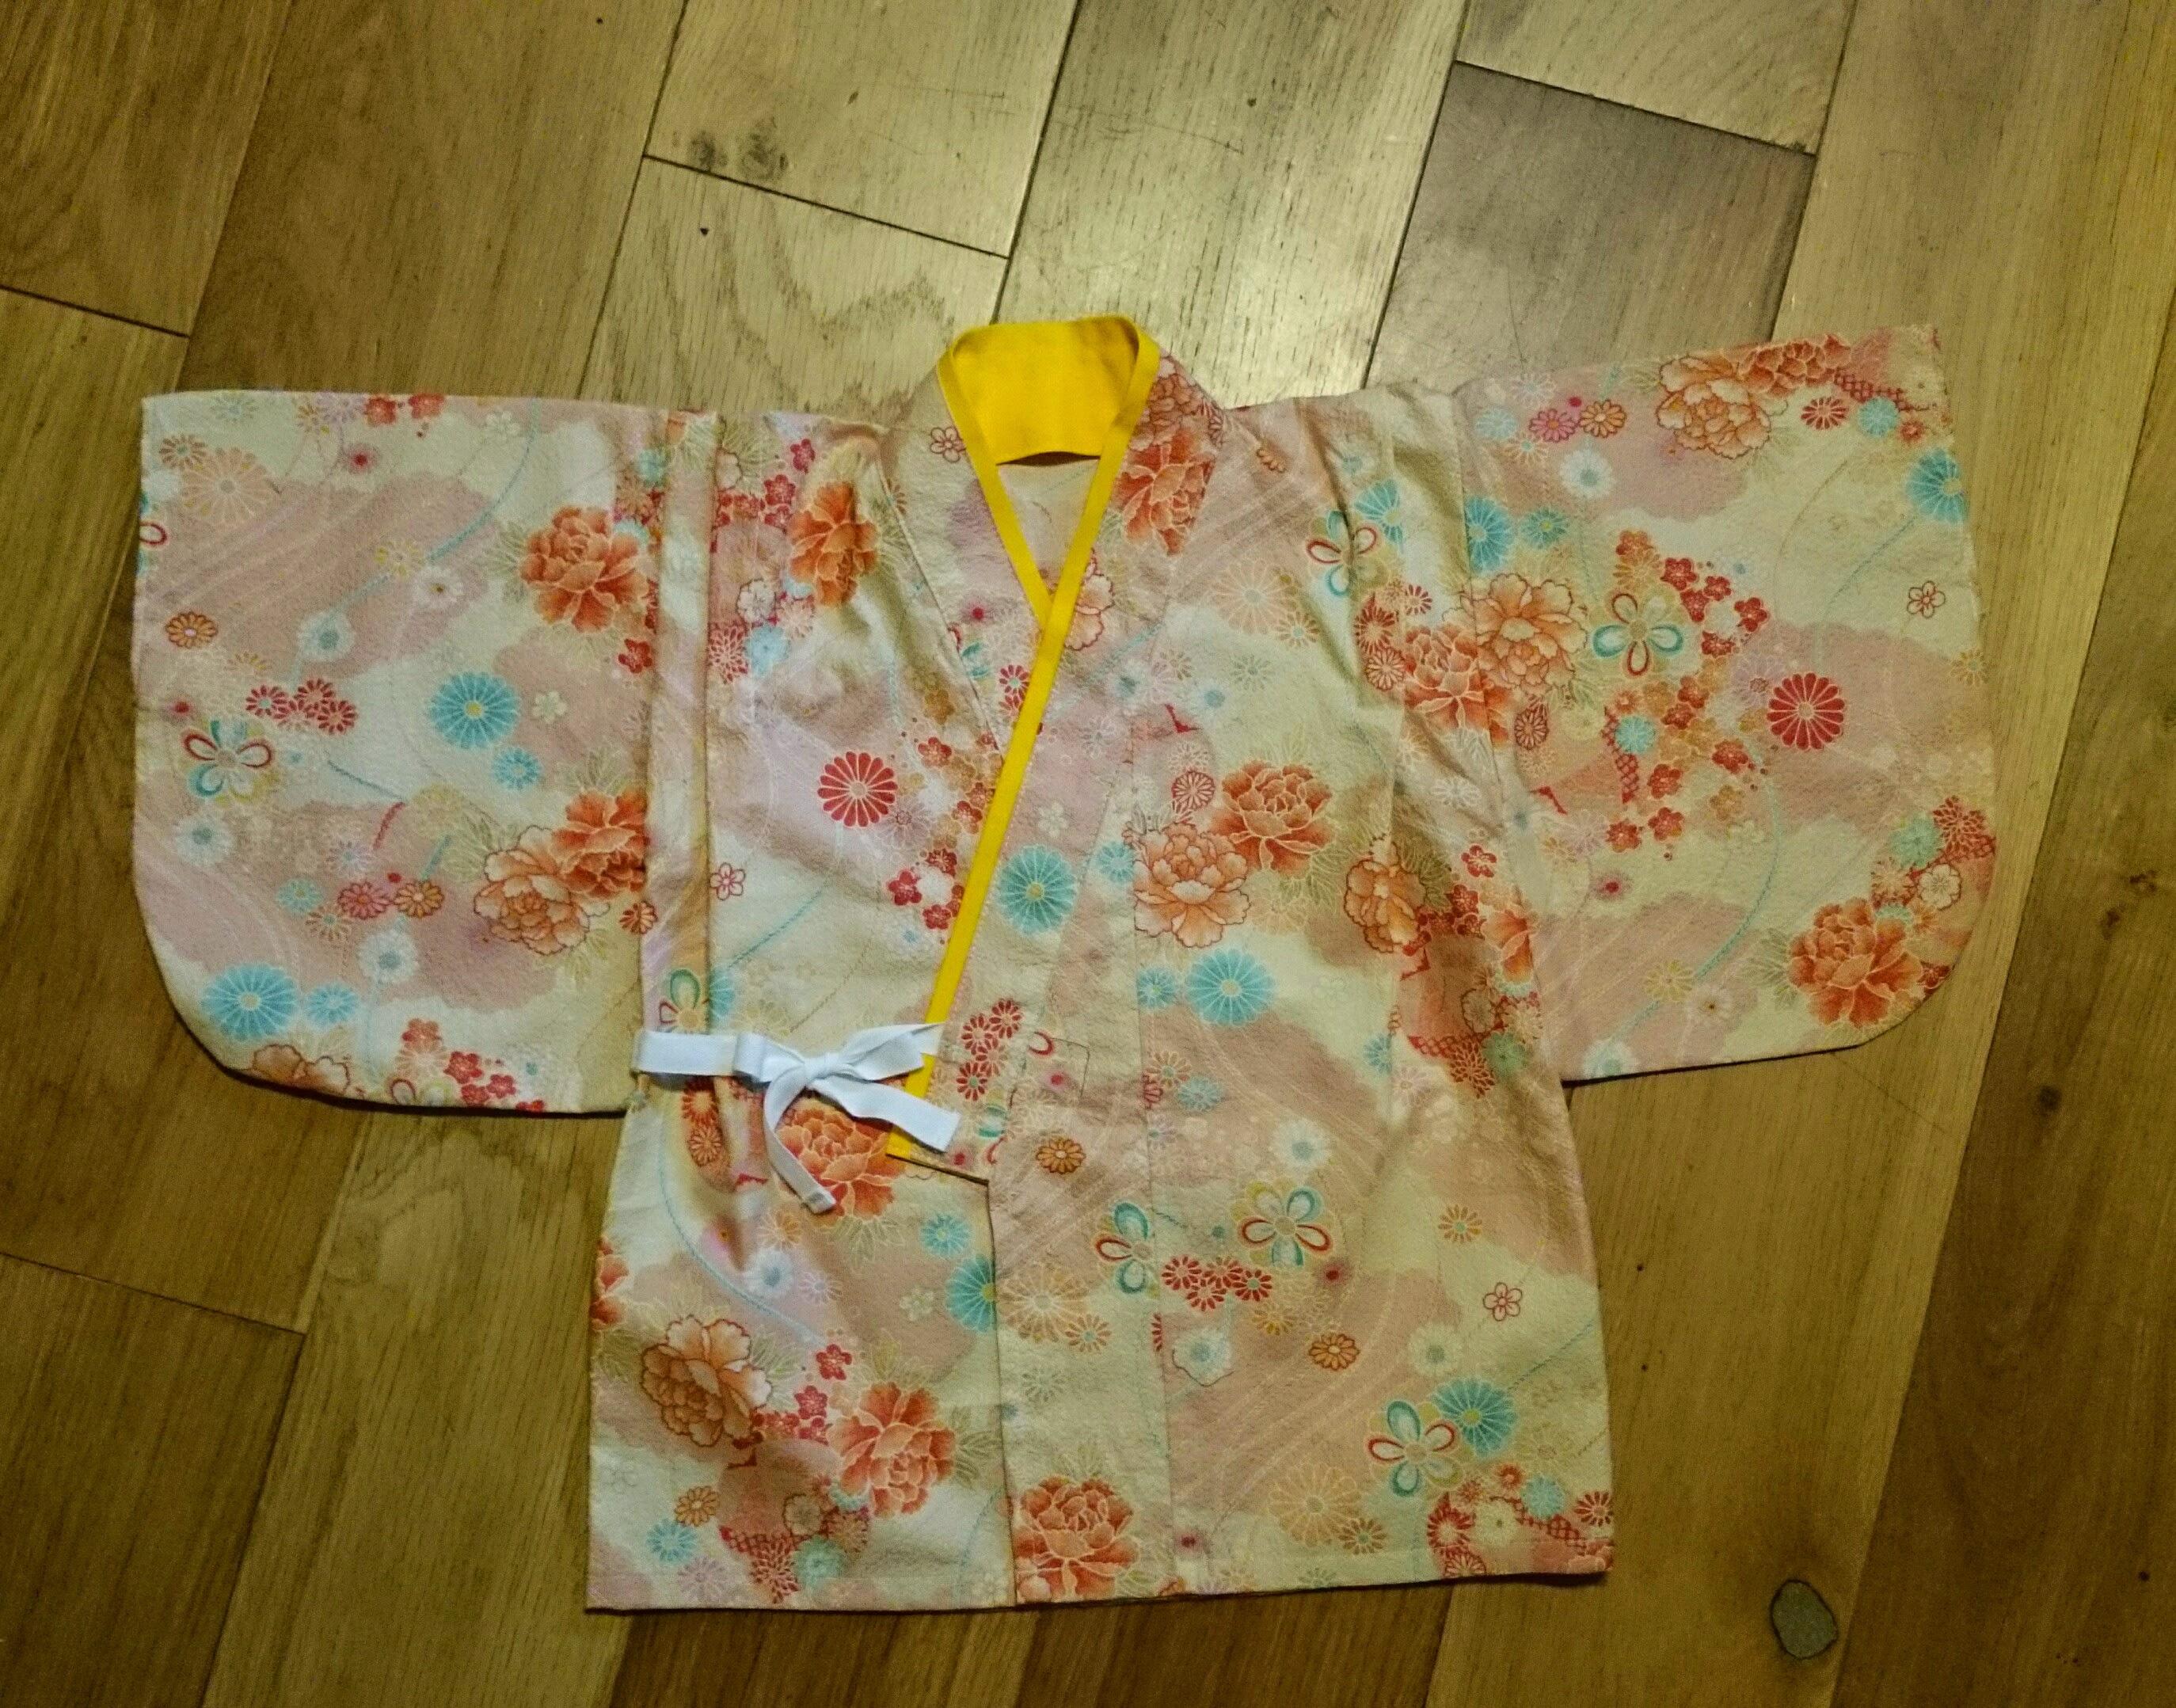 b11fcb95ac884 ひな祭りに、ベビー用袴風の服を手作りしてみました! - すきまじかんにハンドメイド|子供服とかダンボール工作とか